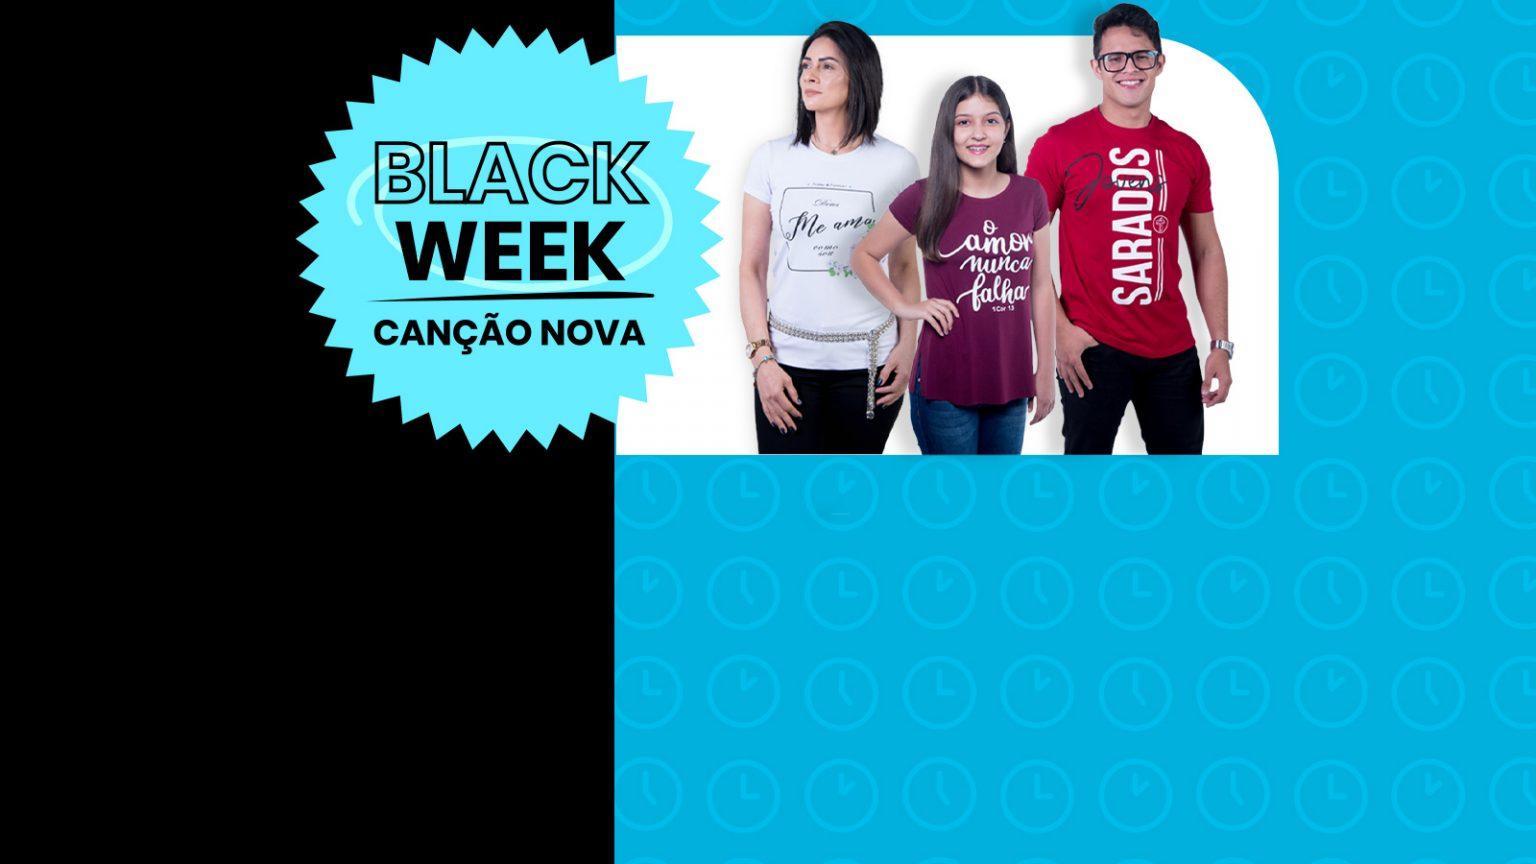 1600x1200_black-week_Canção_Nova-1536x864.jpg